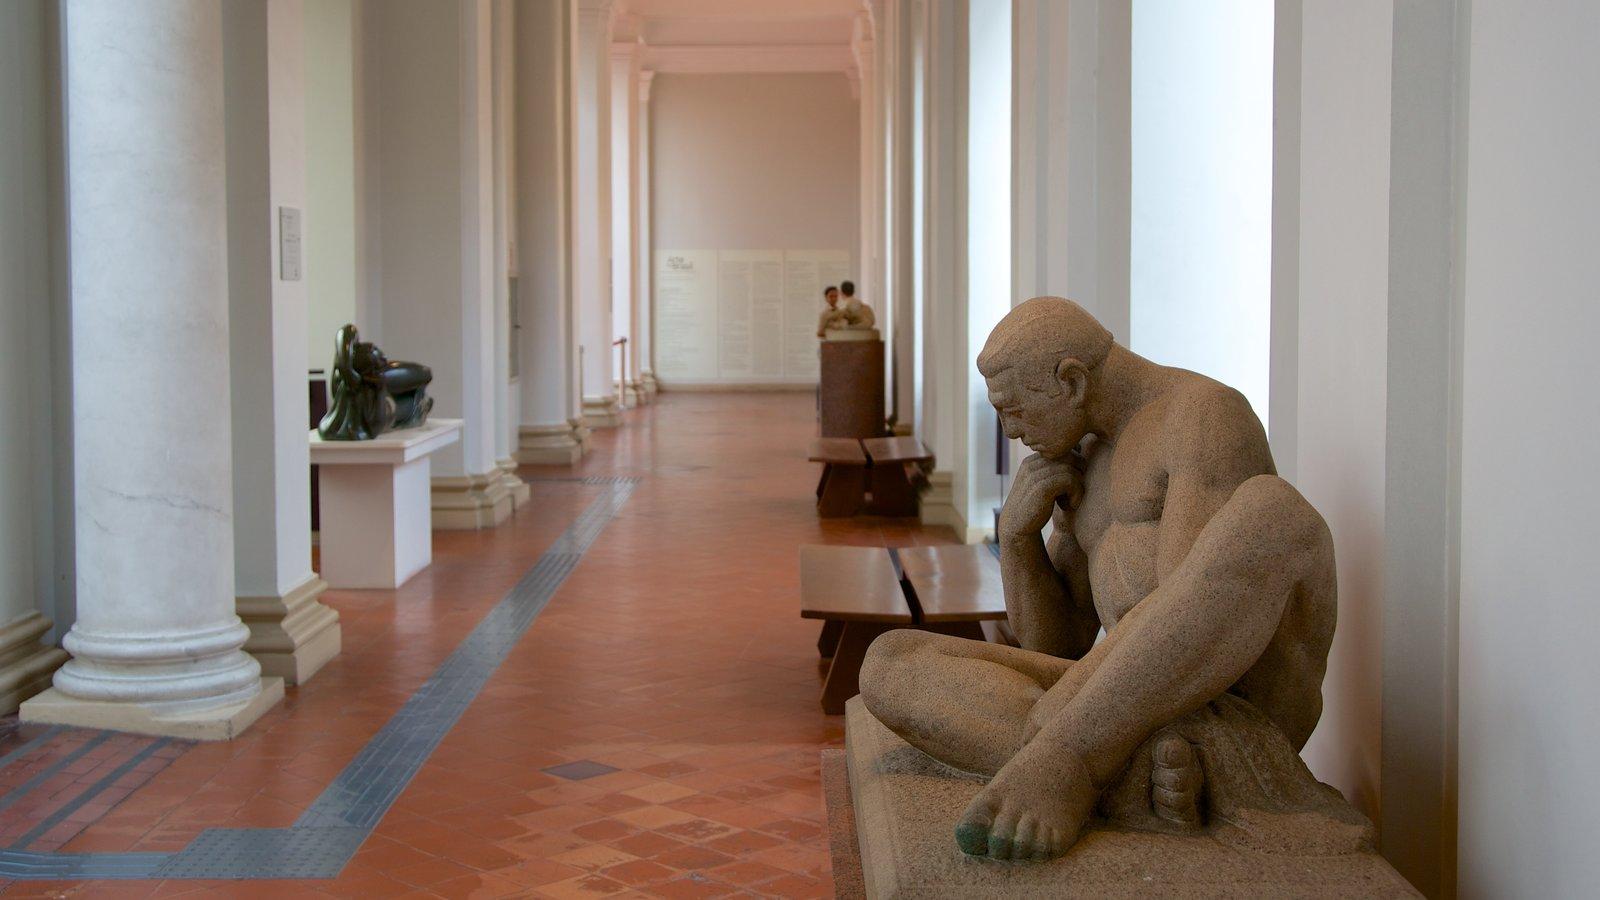 Pinacoteca do Estado mostrando arte, uma estátua ou escultura e vistas internas